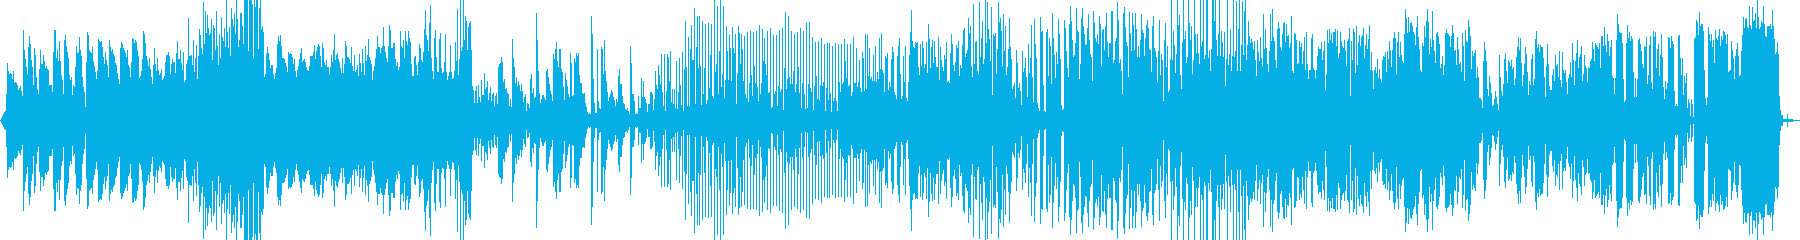 I.T.O.の再生済みの波形